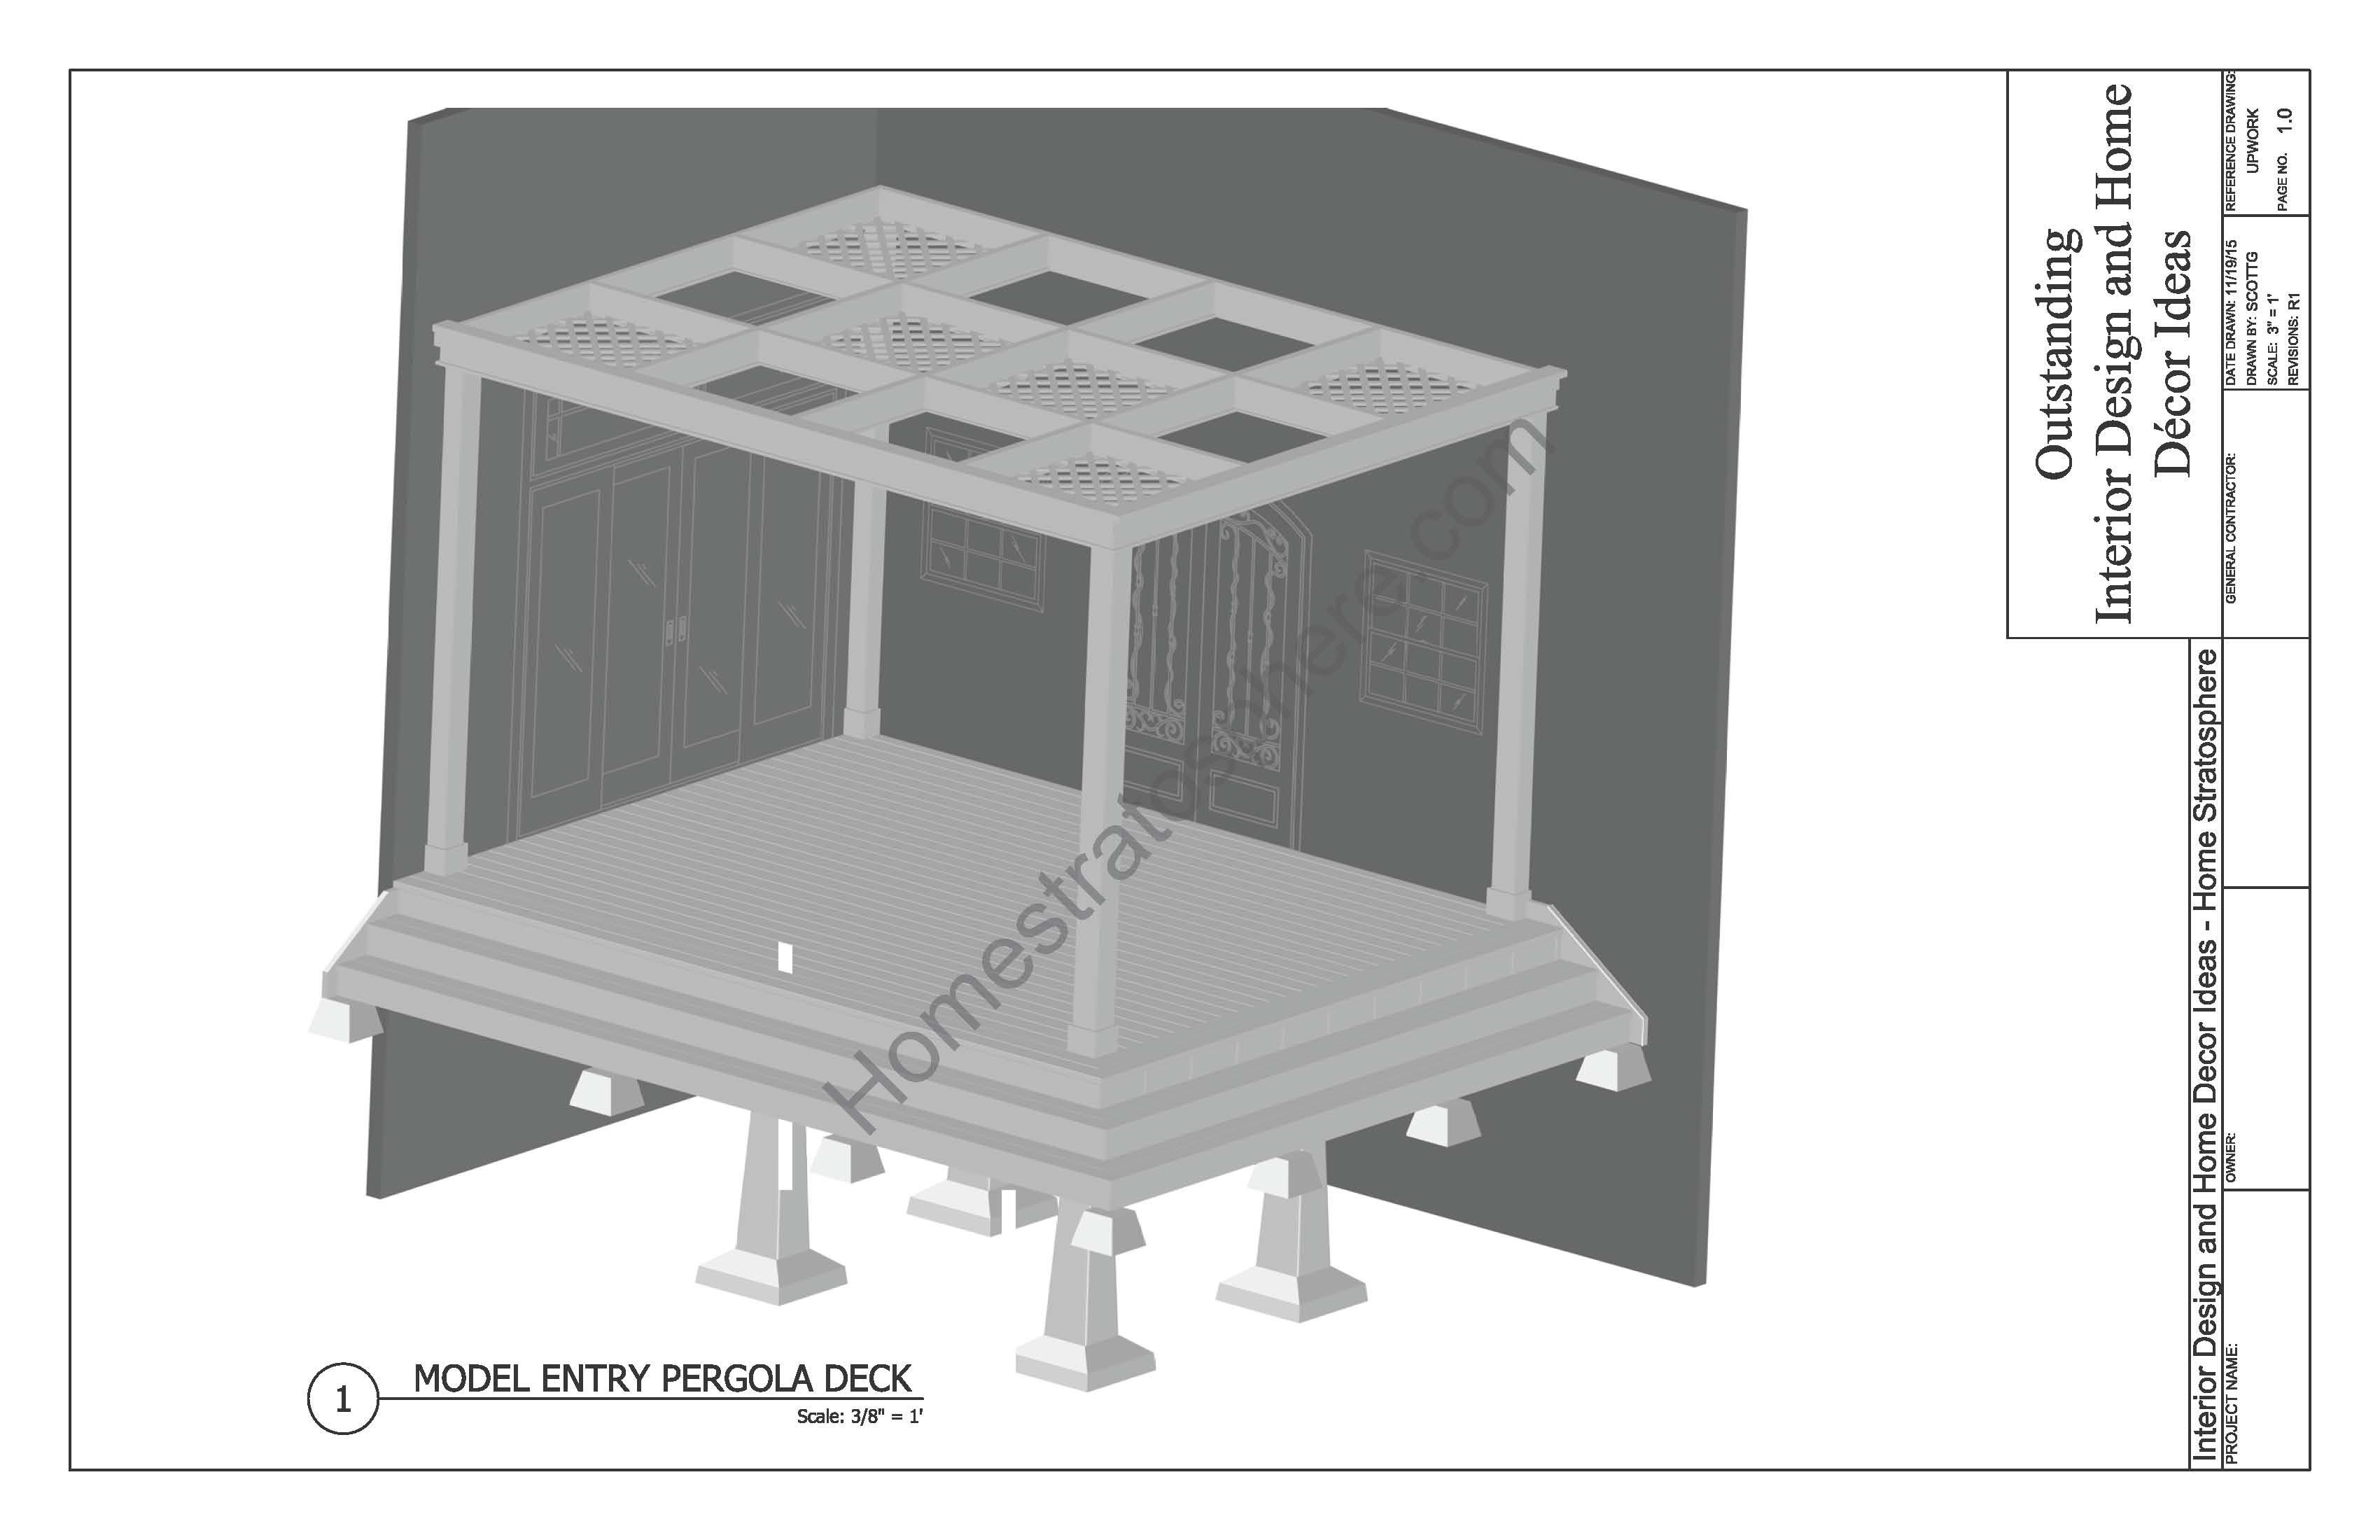 Deck design with Pergola